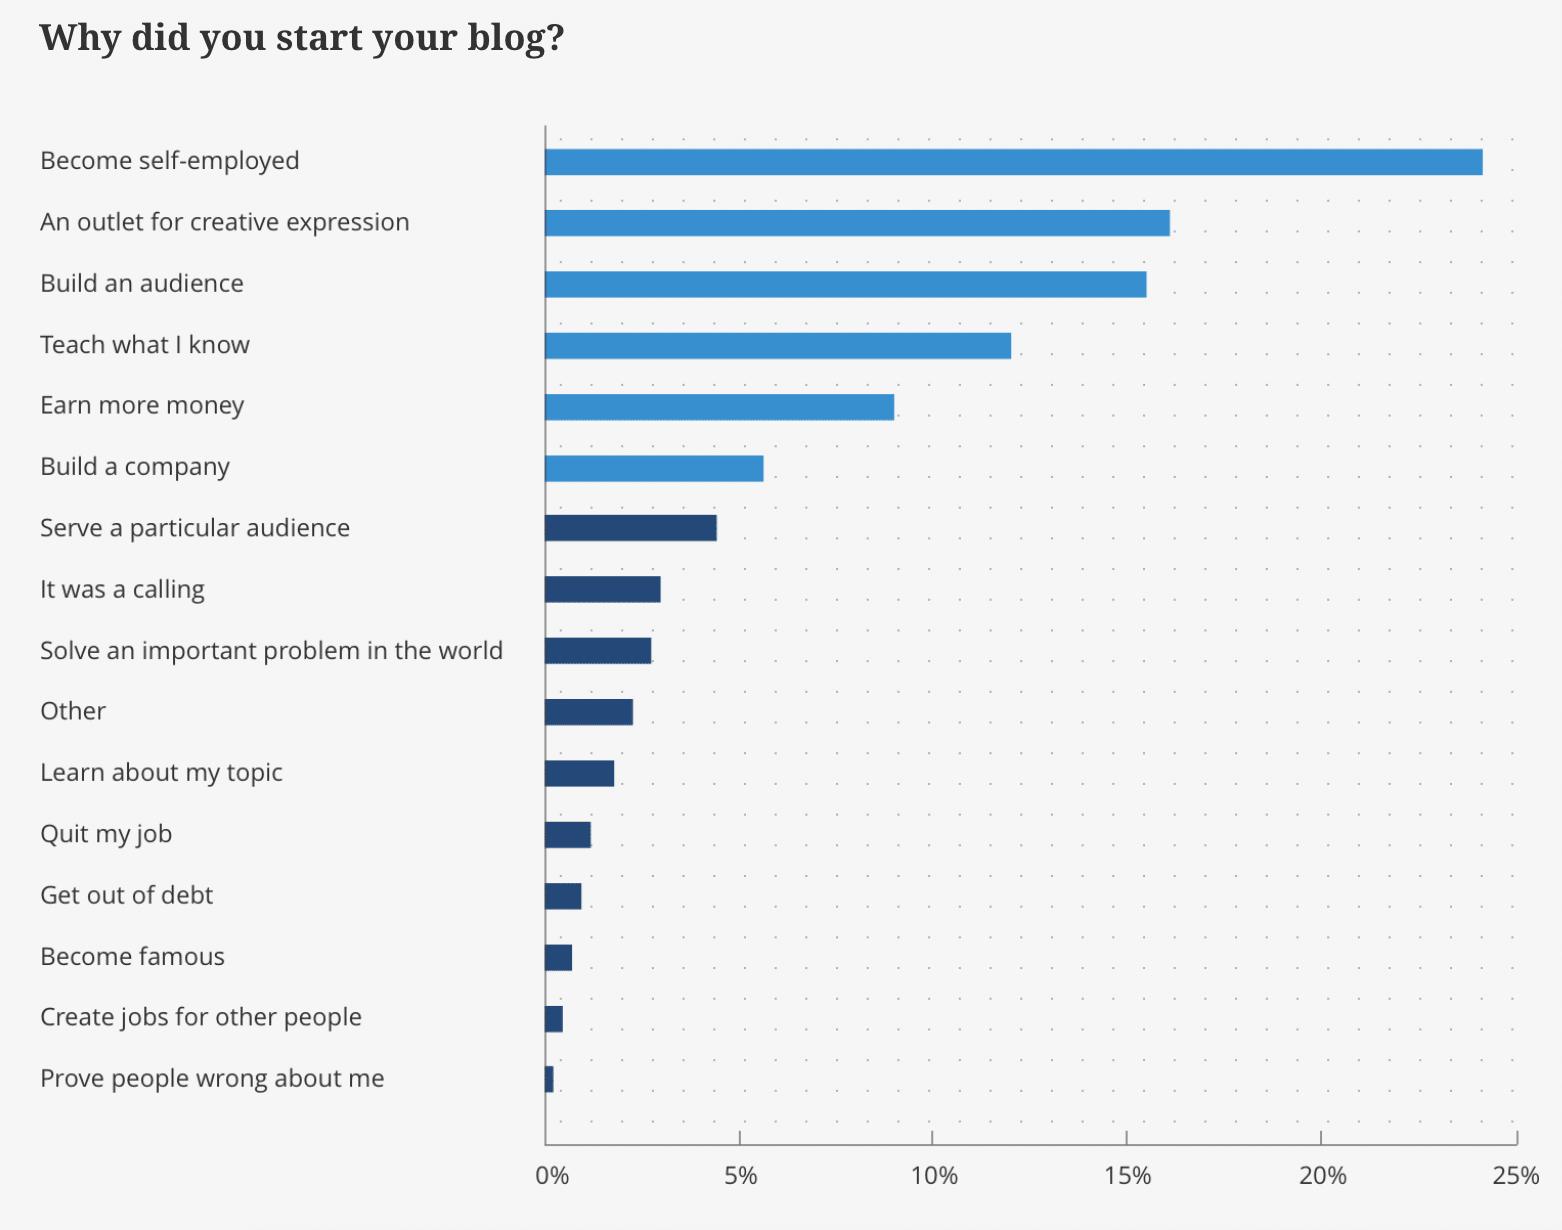 Hvorfor startede du din blog?